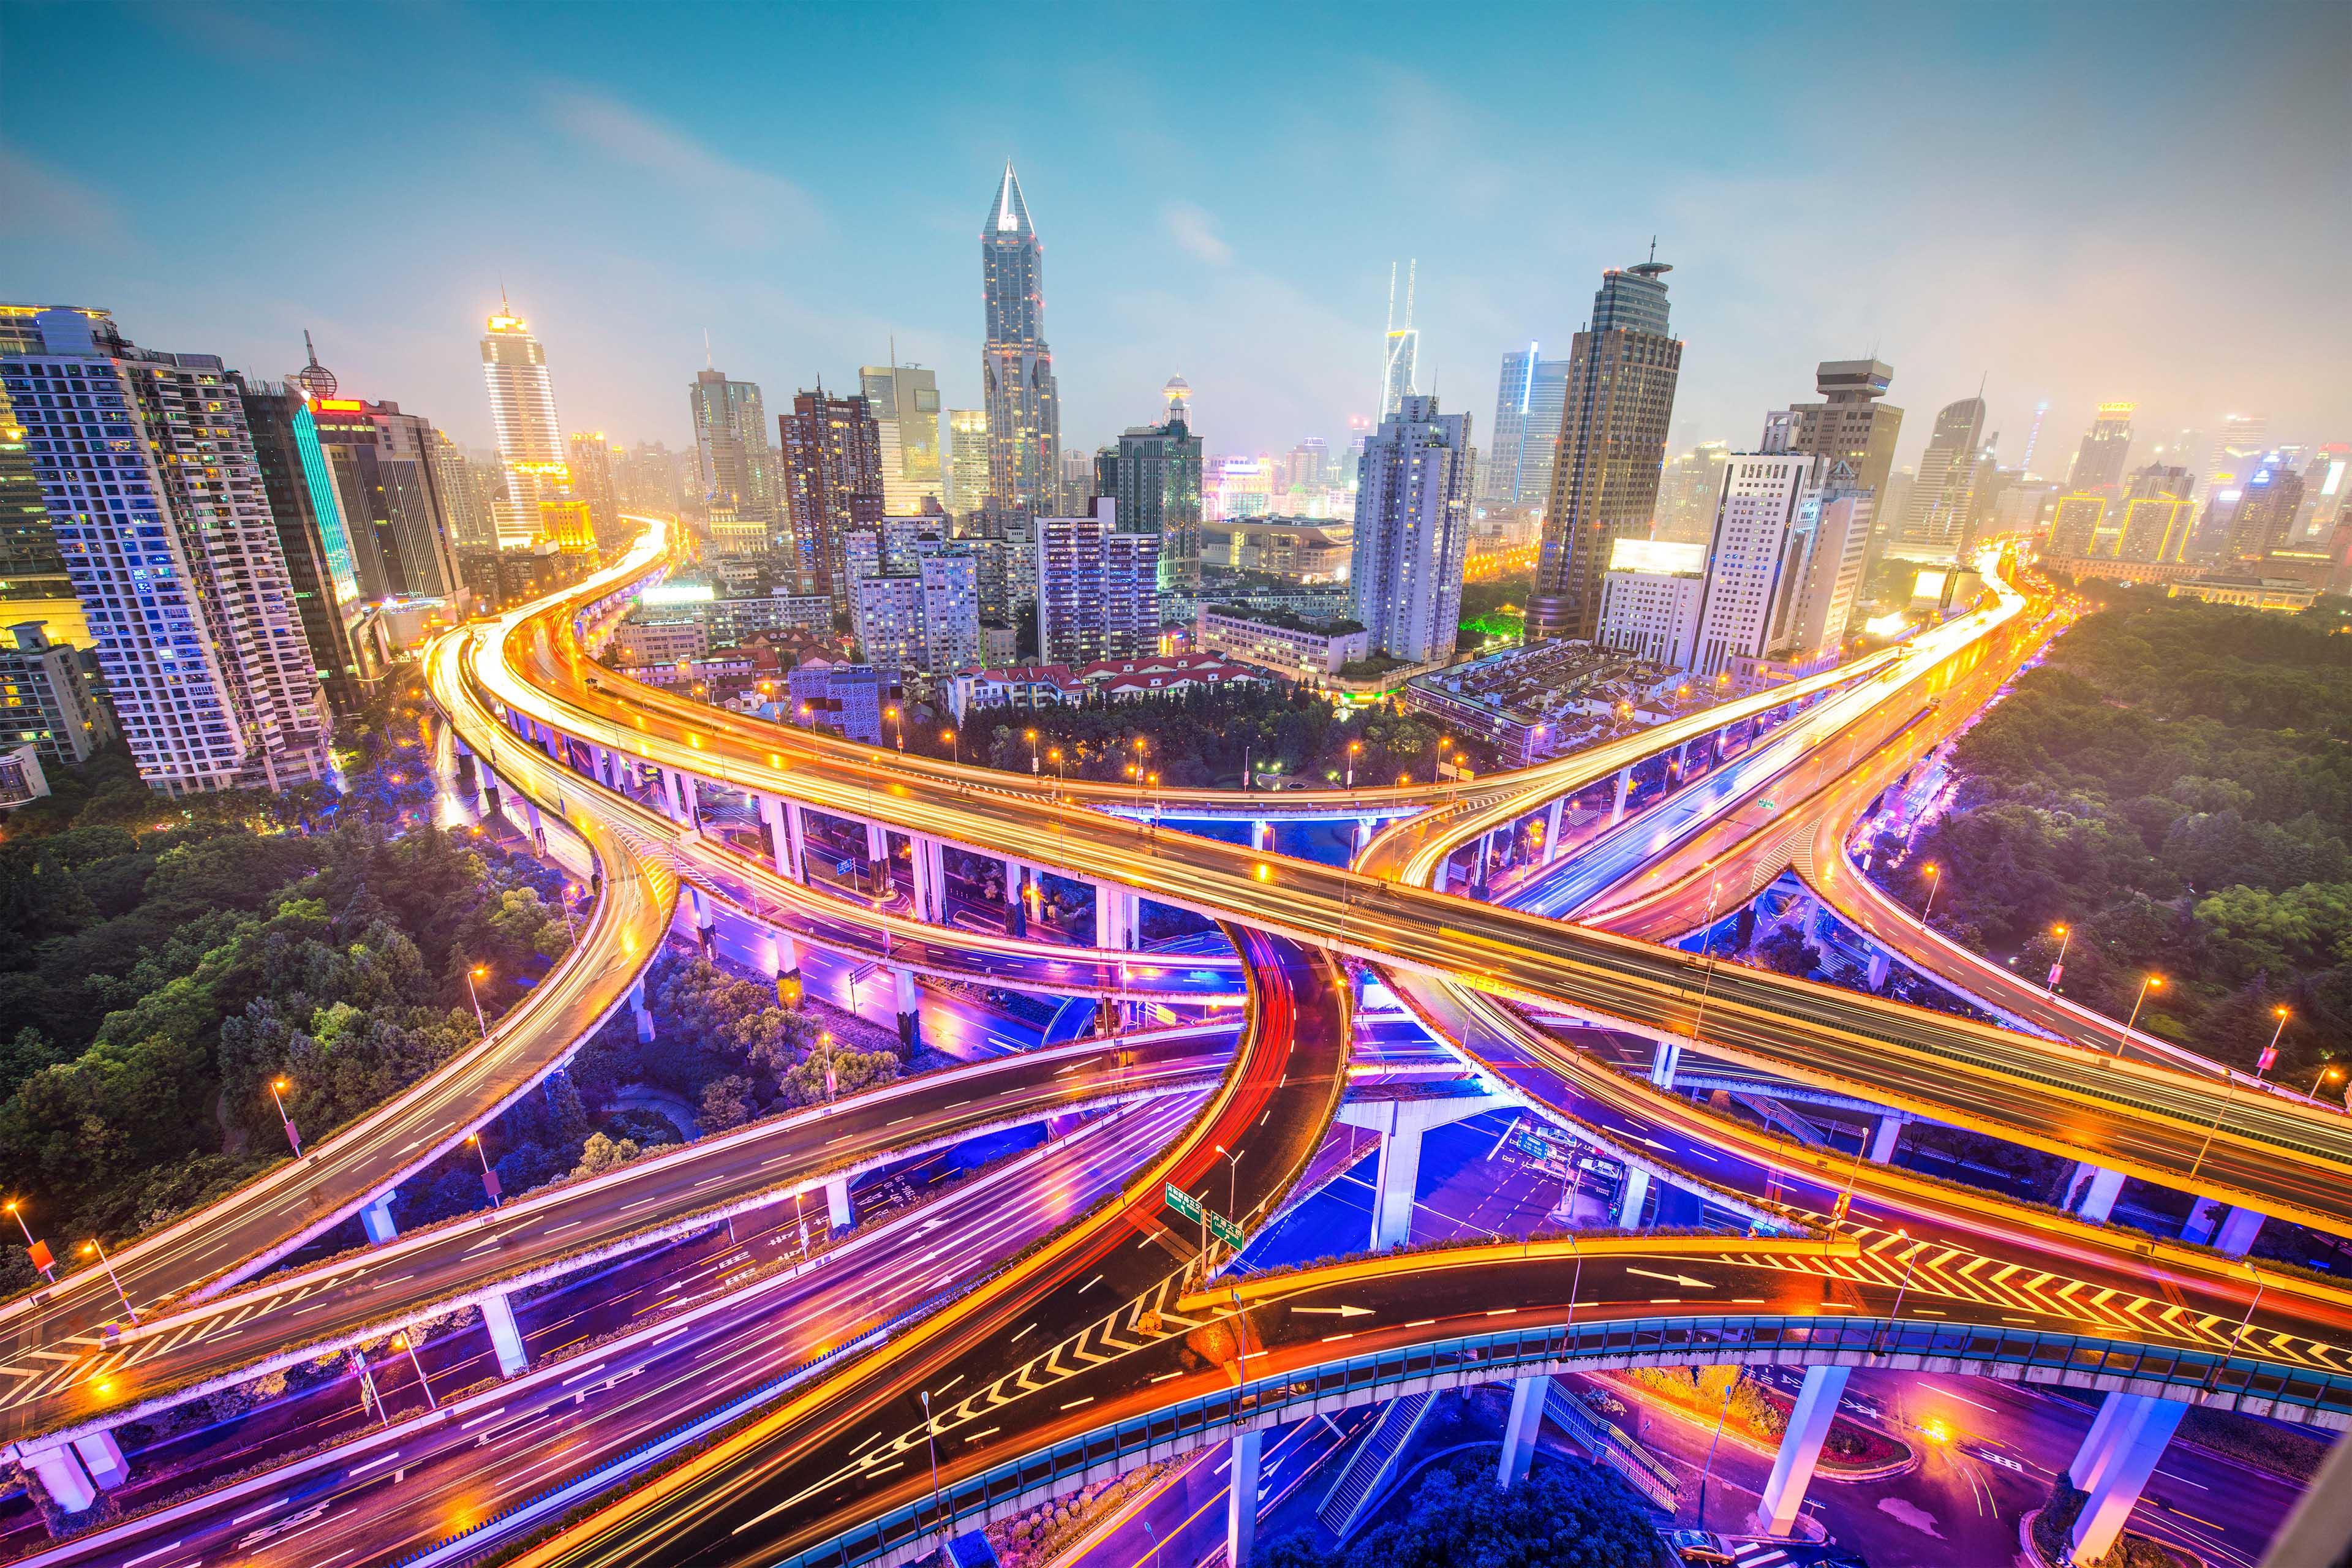 晚上繁华城市的交通枢纽